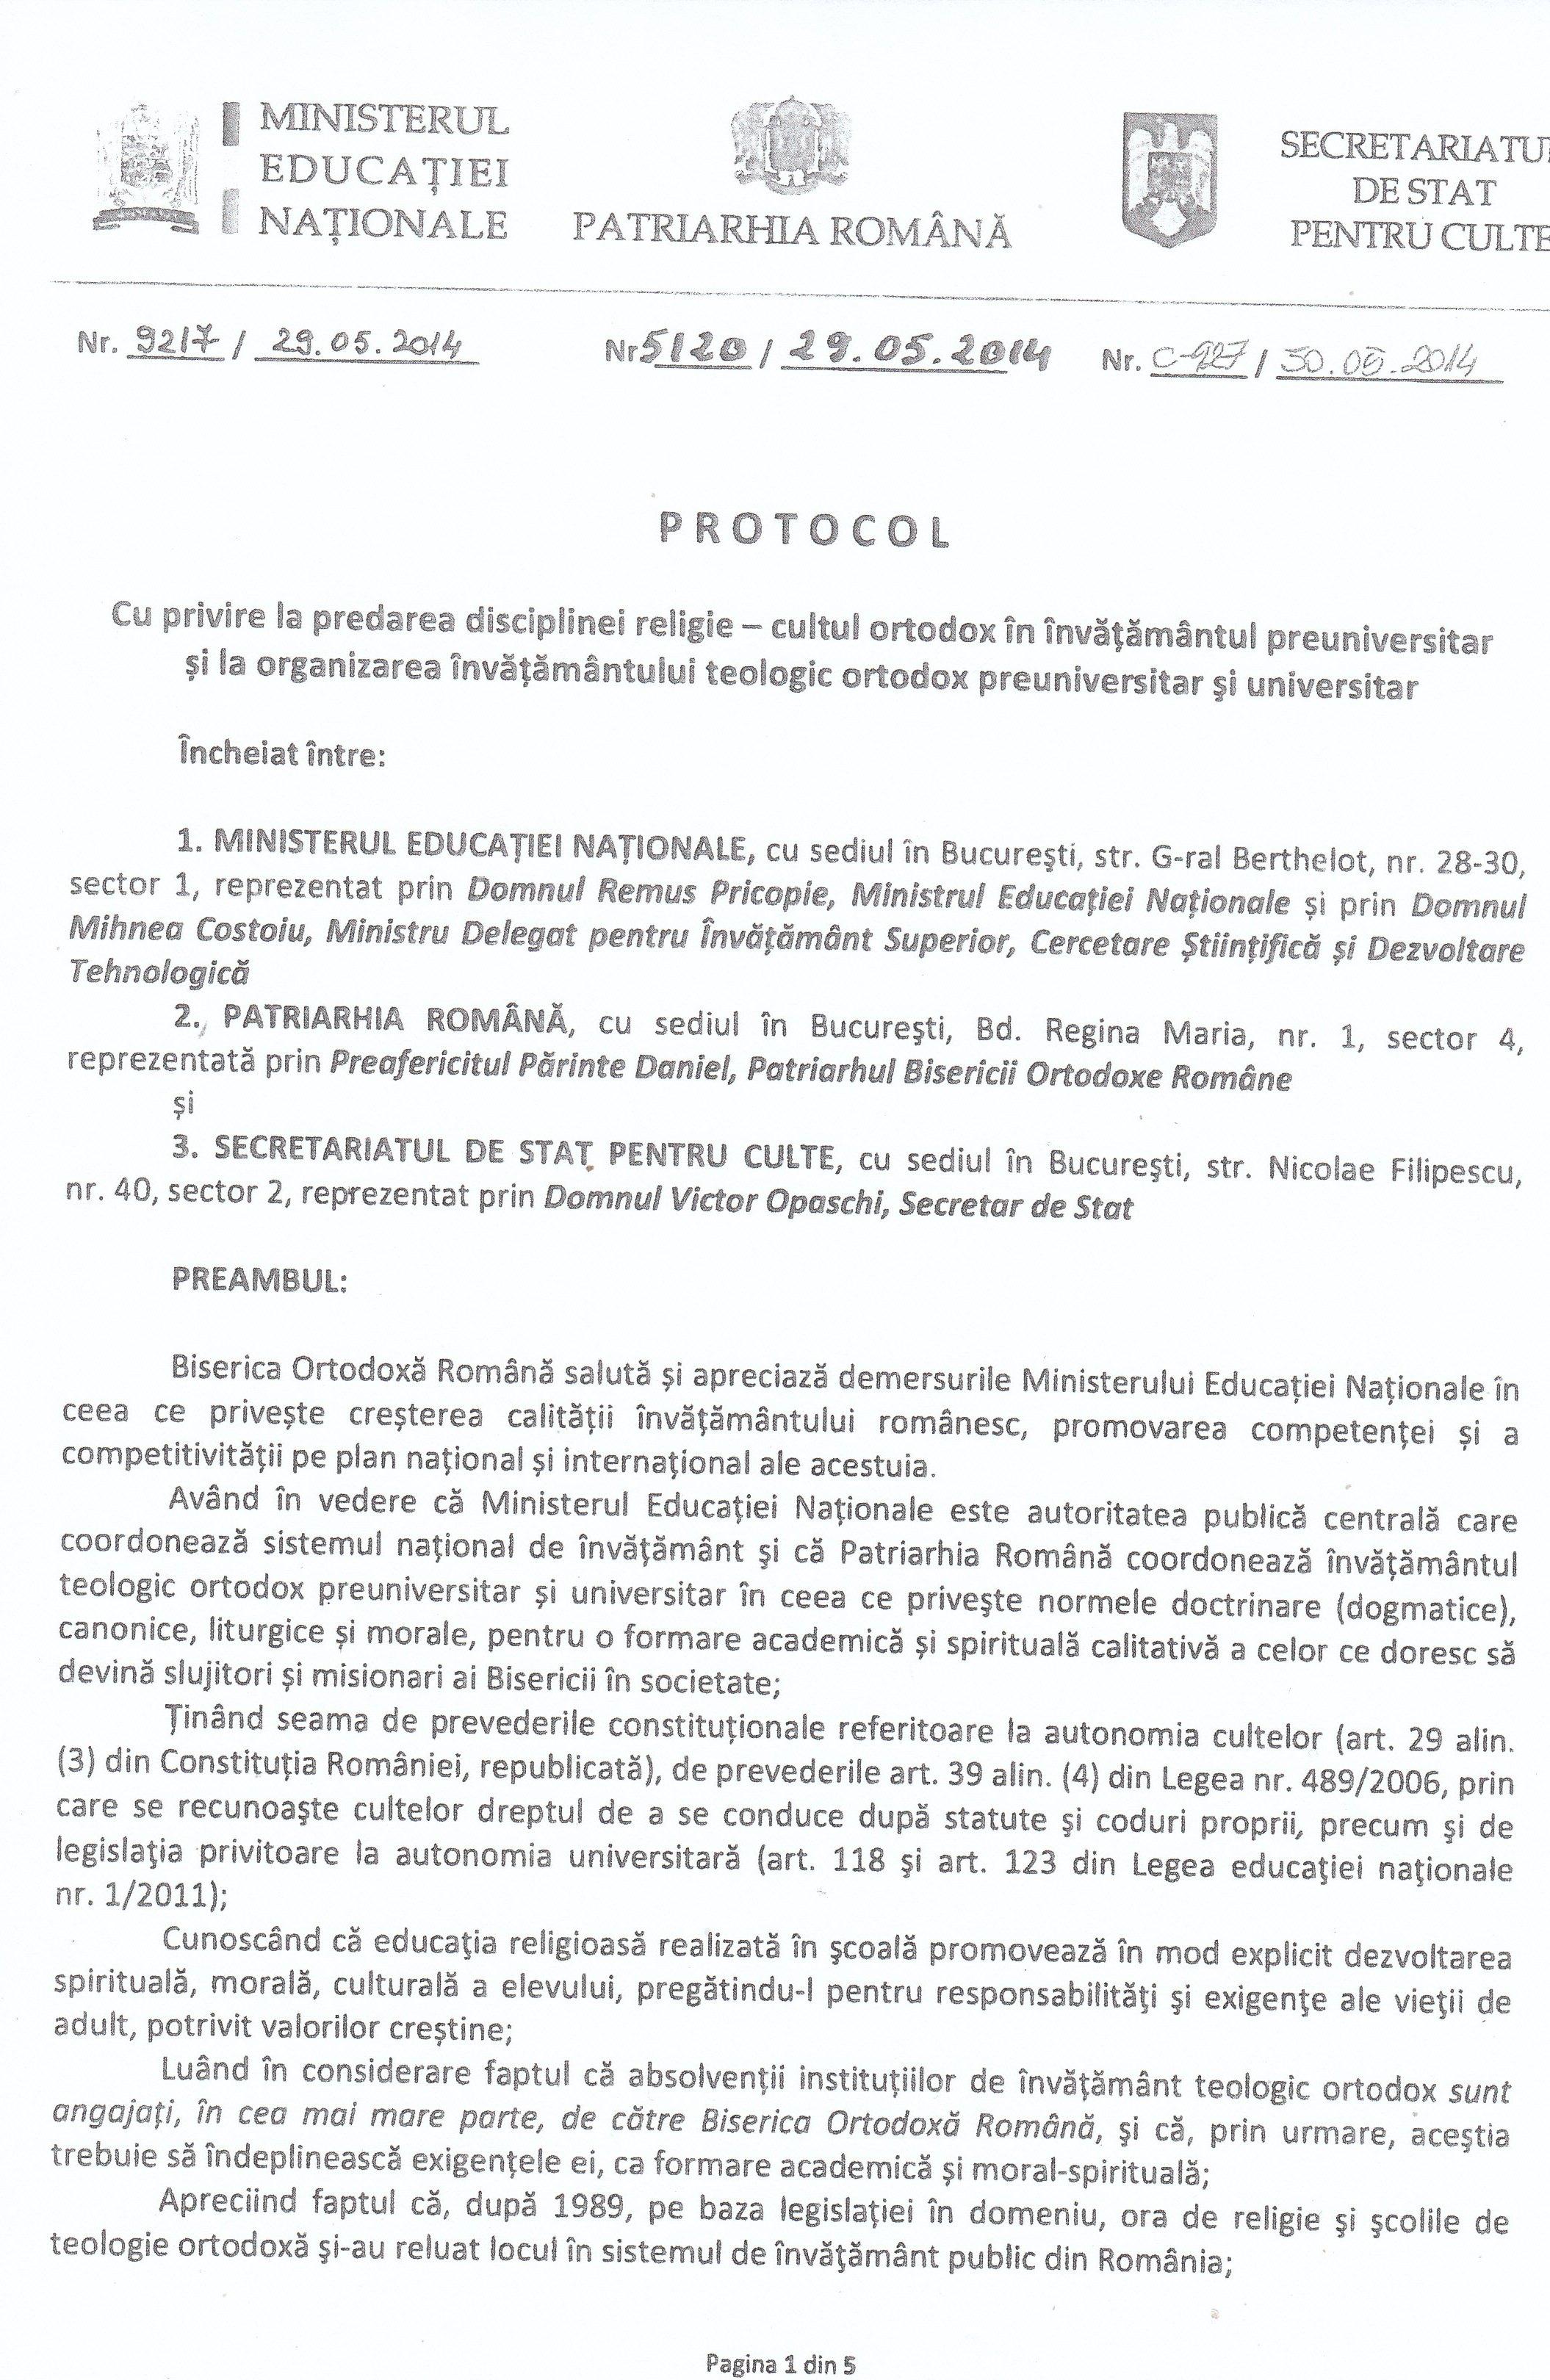 Prima pagină a PROTOCOLULUI încheiat între Ministerul educației Naționale și Biserica Ortodoxă Română.